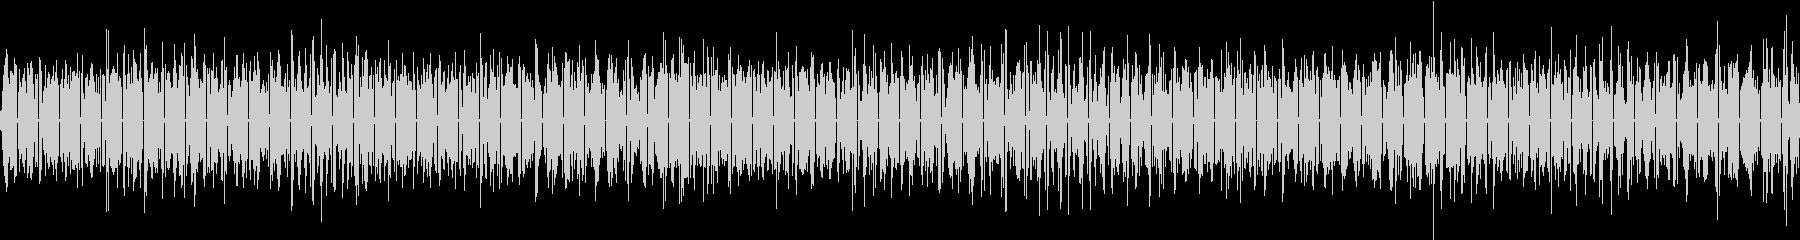 電磁場:一定のスパークリング、SC...の未再生の波形